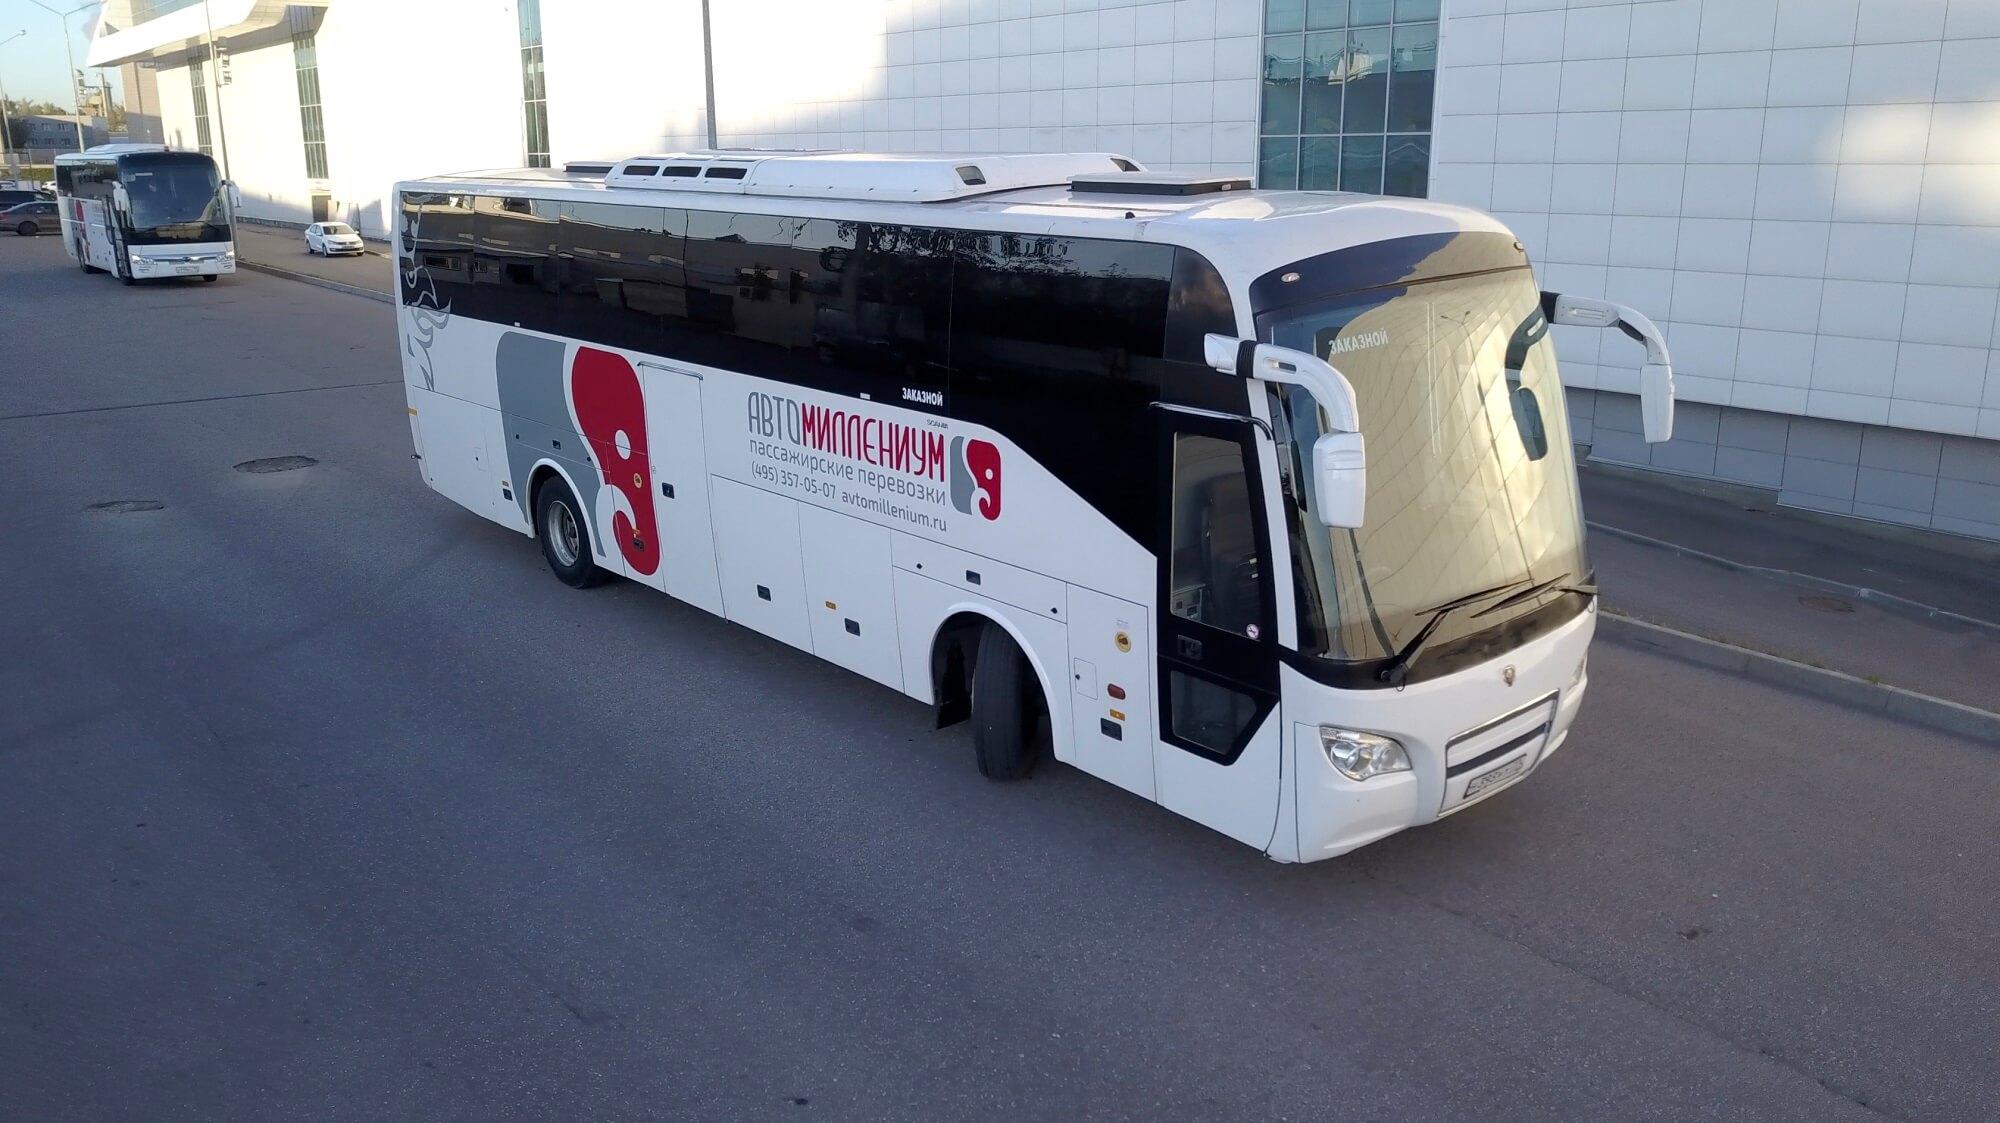 Scania Higer А80 (709, 953, 956) 51+1 - аренда автобуса в Москве.